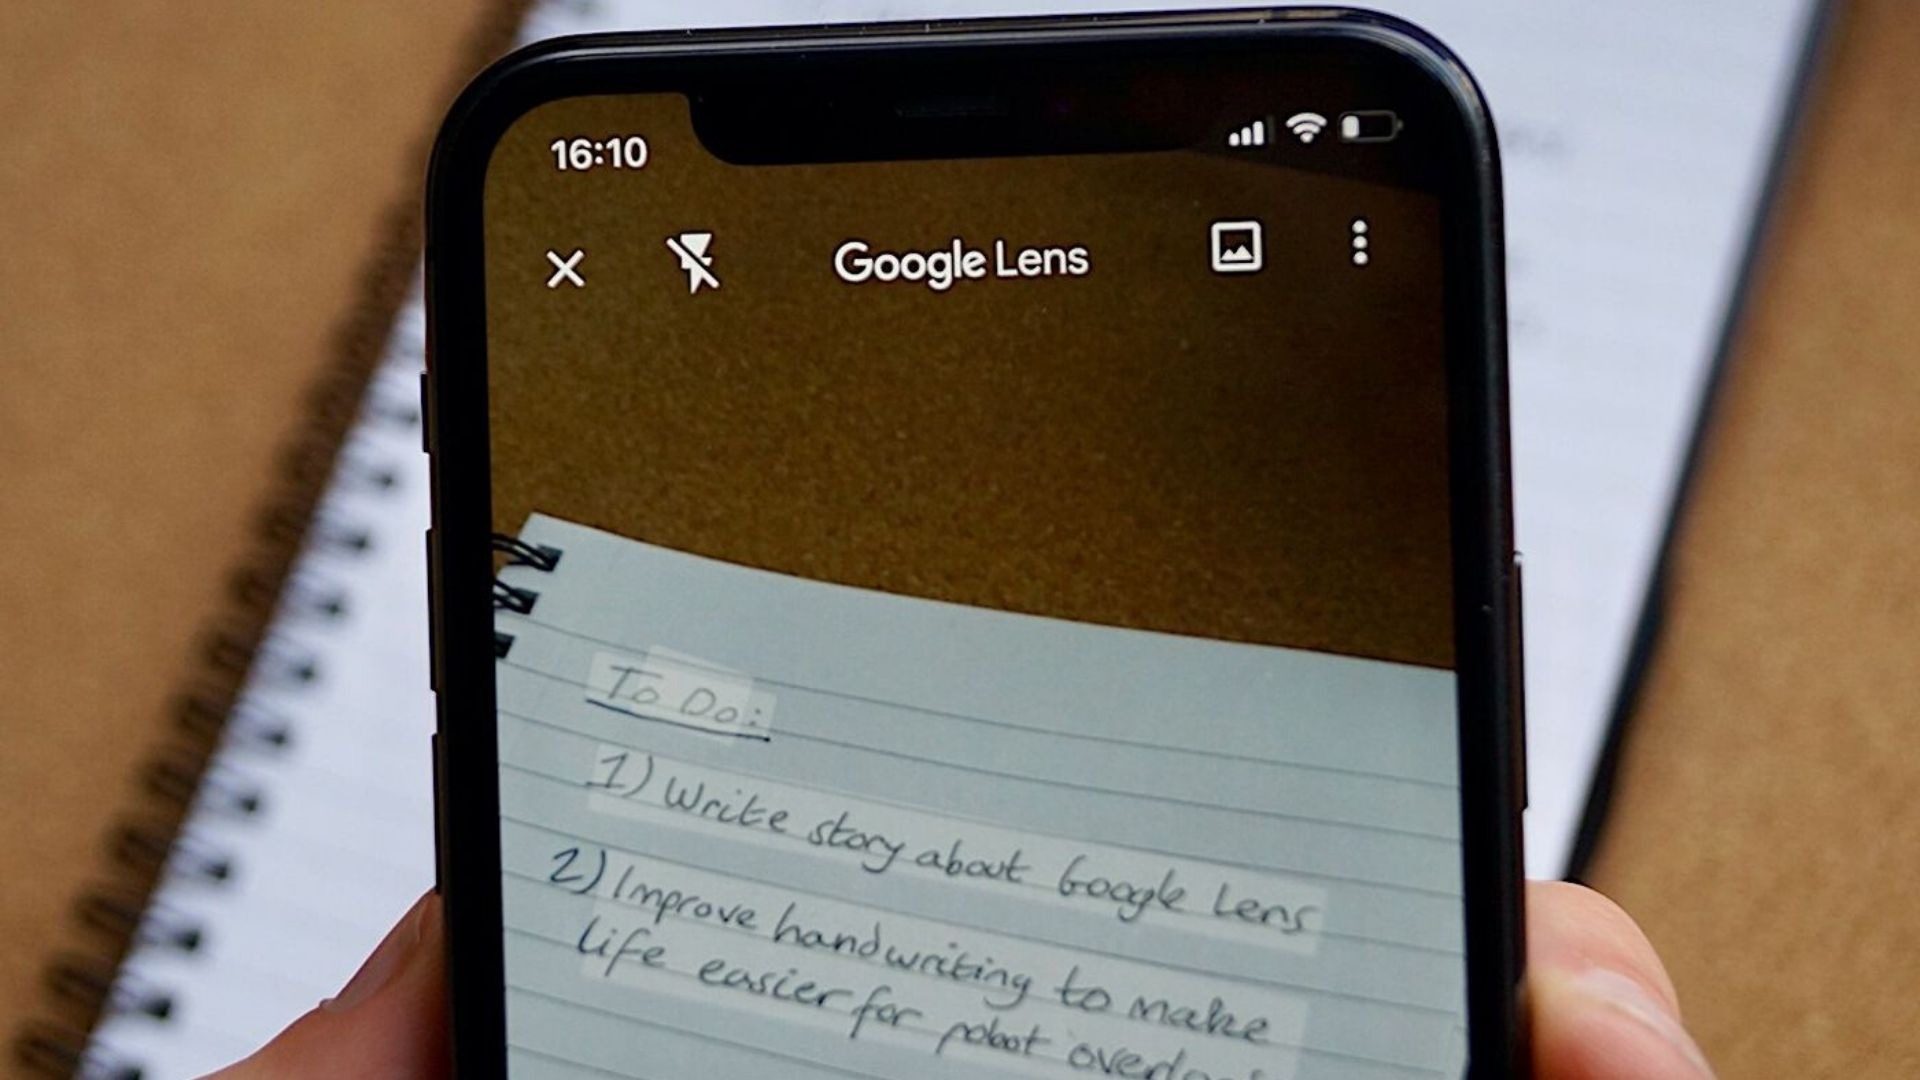 Google-ის ახალი ფუნქცია, რომელიც ხელნაწერს ბეჭდურ ვერსიად აქცევს